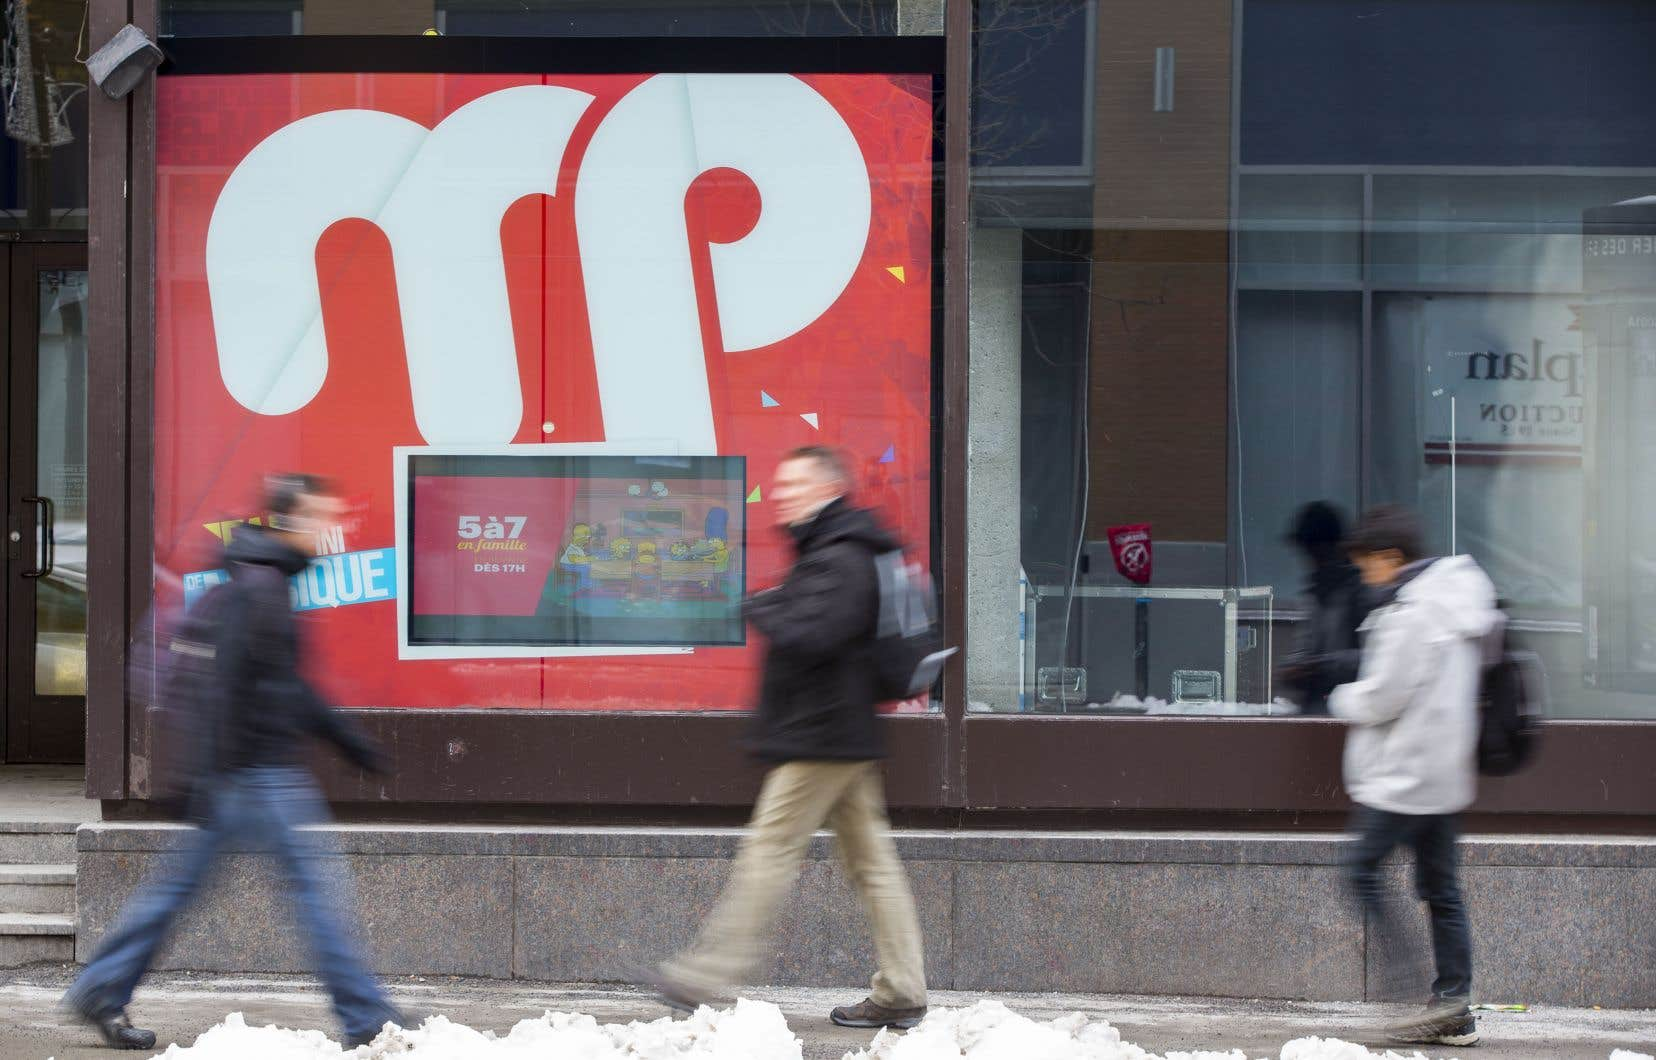 Le changement d'identité de MusiquePlus n'entraîne aucune perte d'emploi au sein du Groupe V Média, seules des productions indépendantes prendront fin.